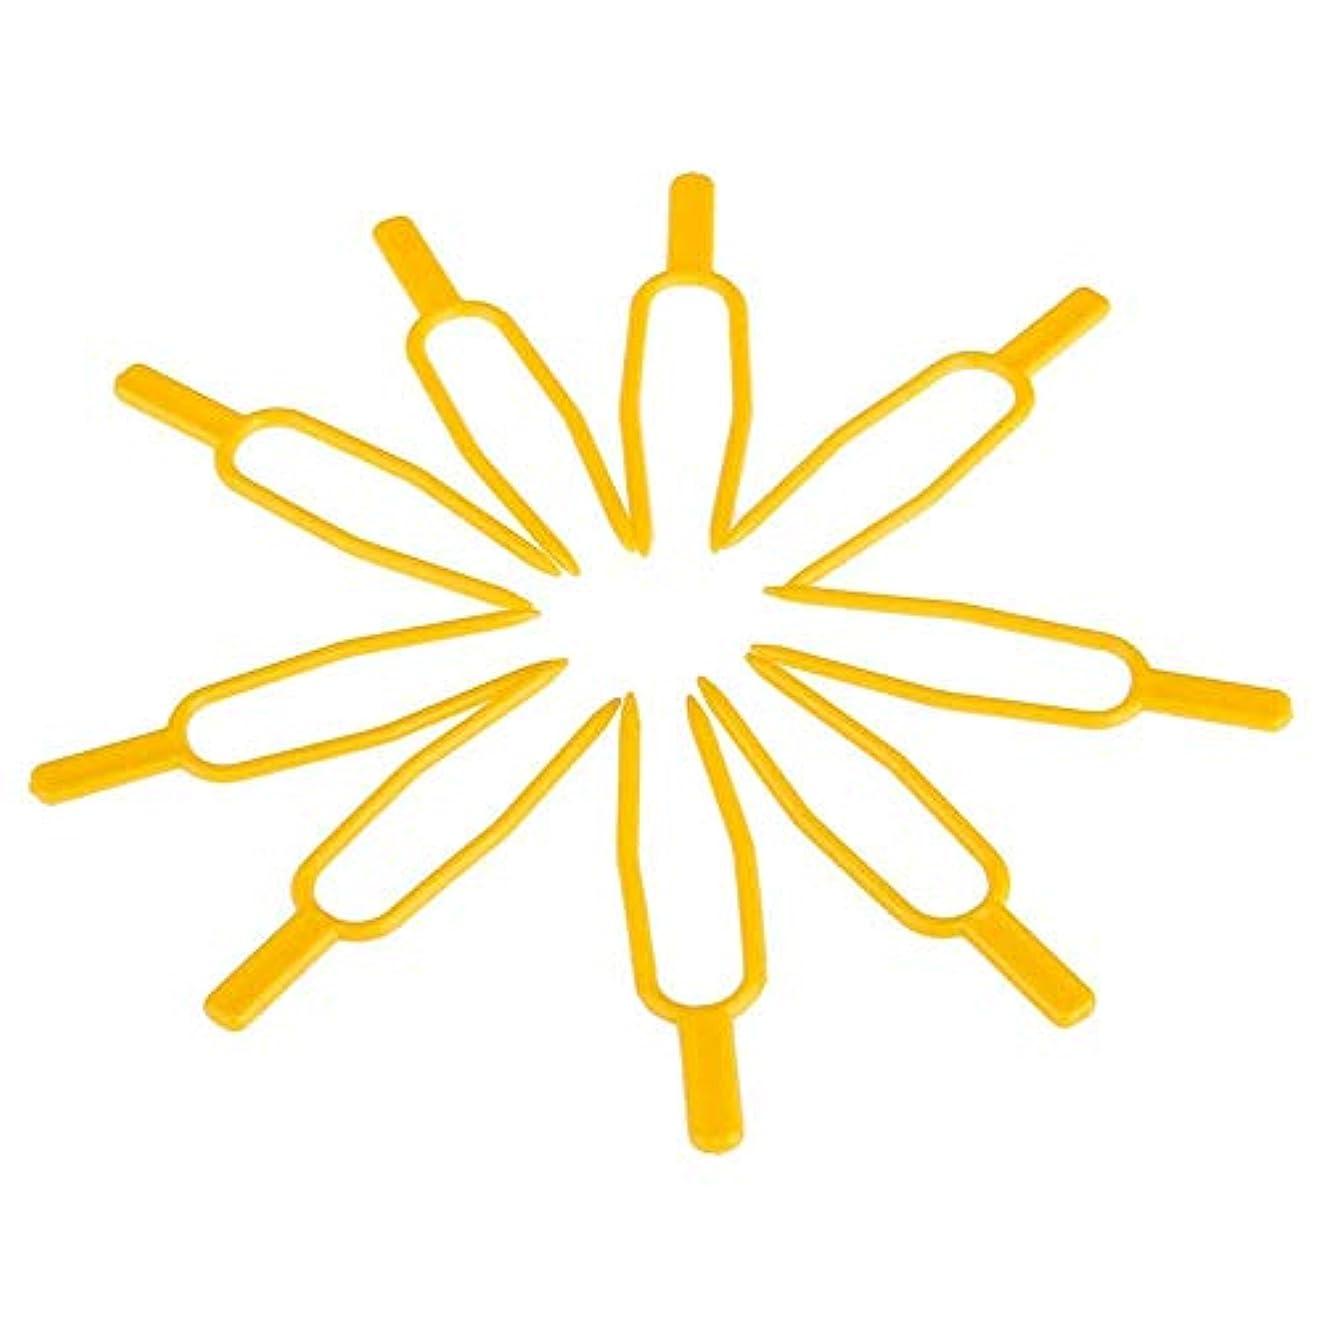 驚ばかげているウールchaselpod プラントクリップ イチゴフォーク 固定フォーク ガーデンツール DIY 工具 園芸用便利クリップ 100個入りセット